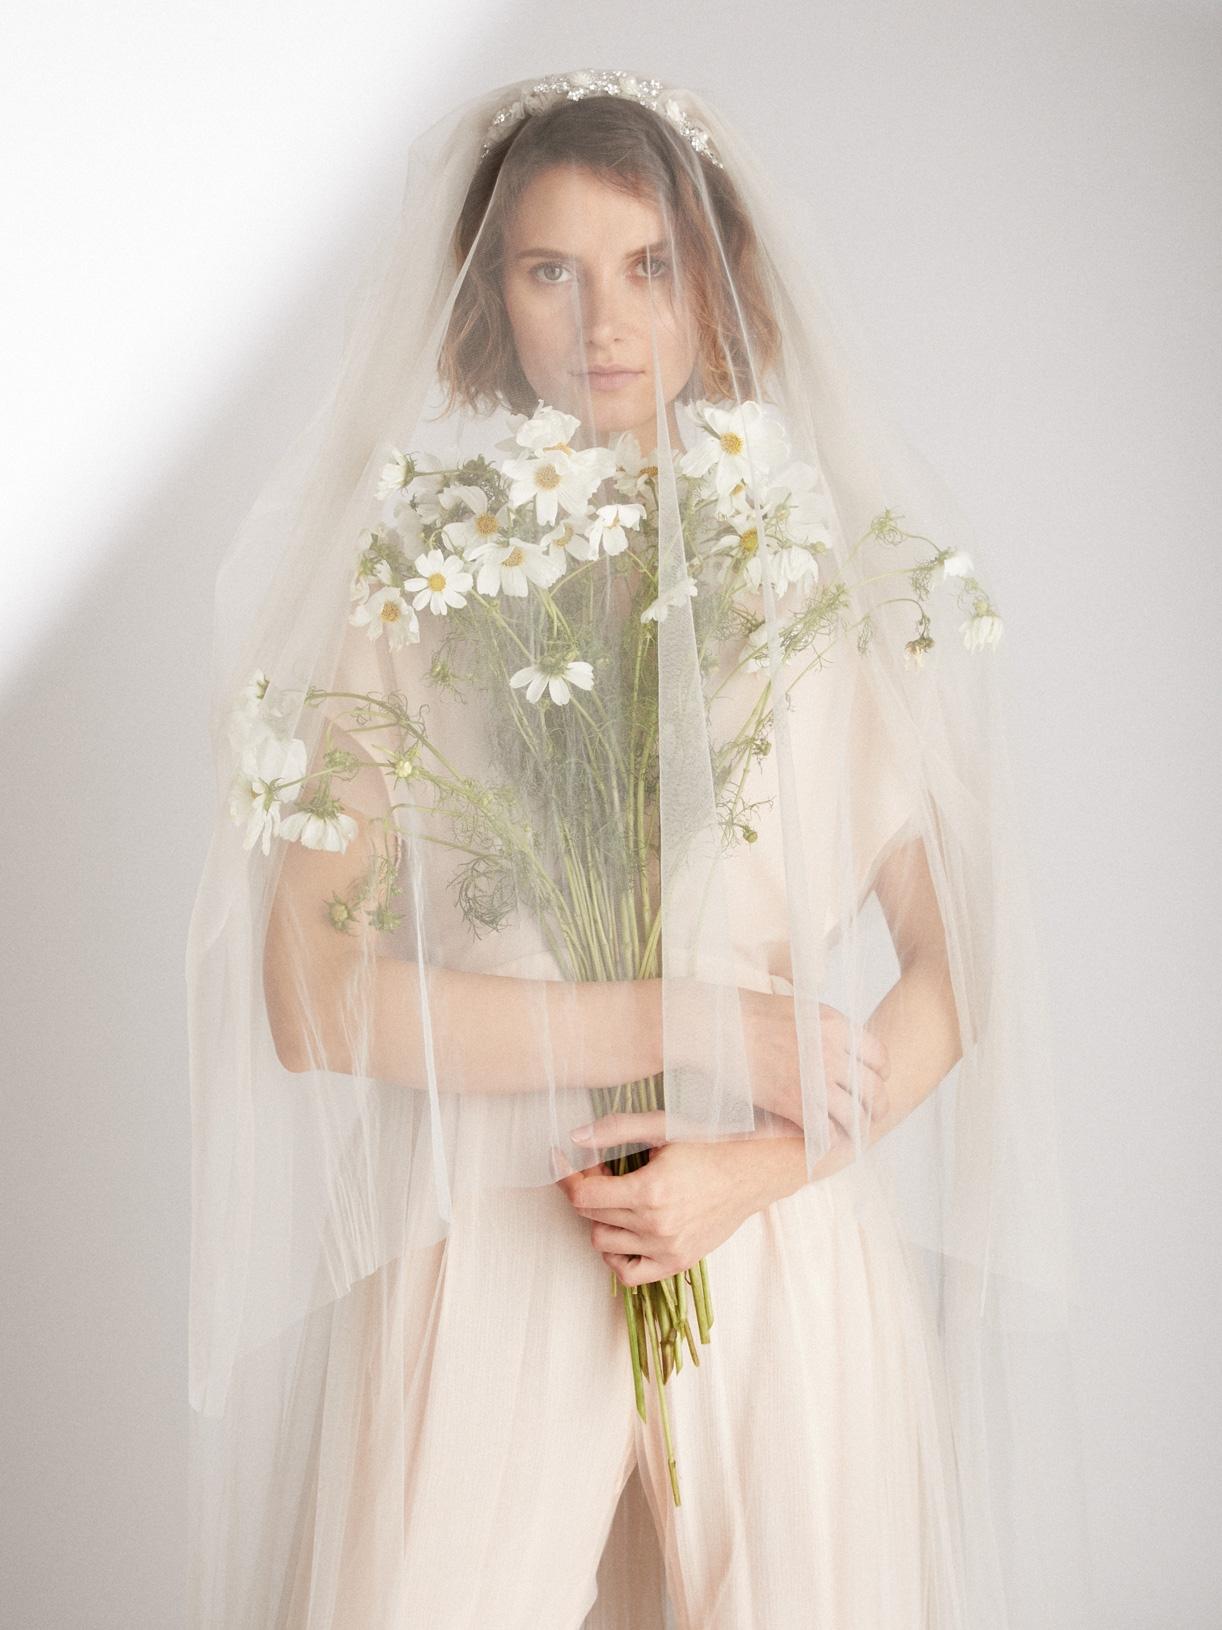 RAINBOW - Combinaison pantalon de mariée éthique et sur-mesure - Myphilosophy